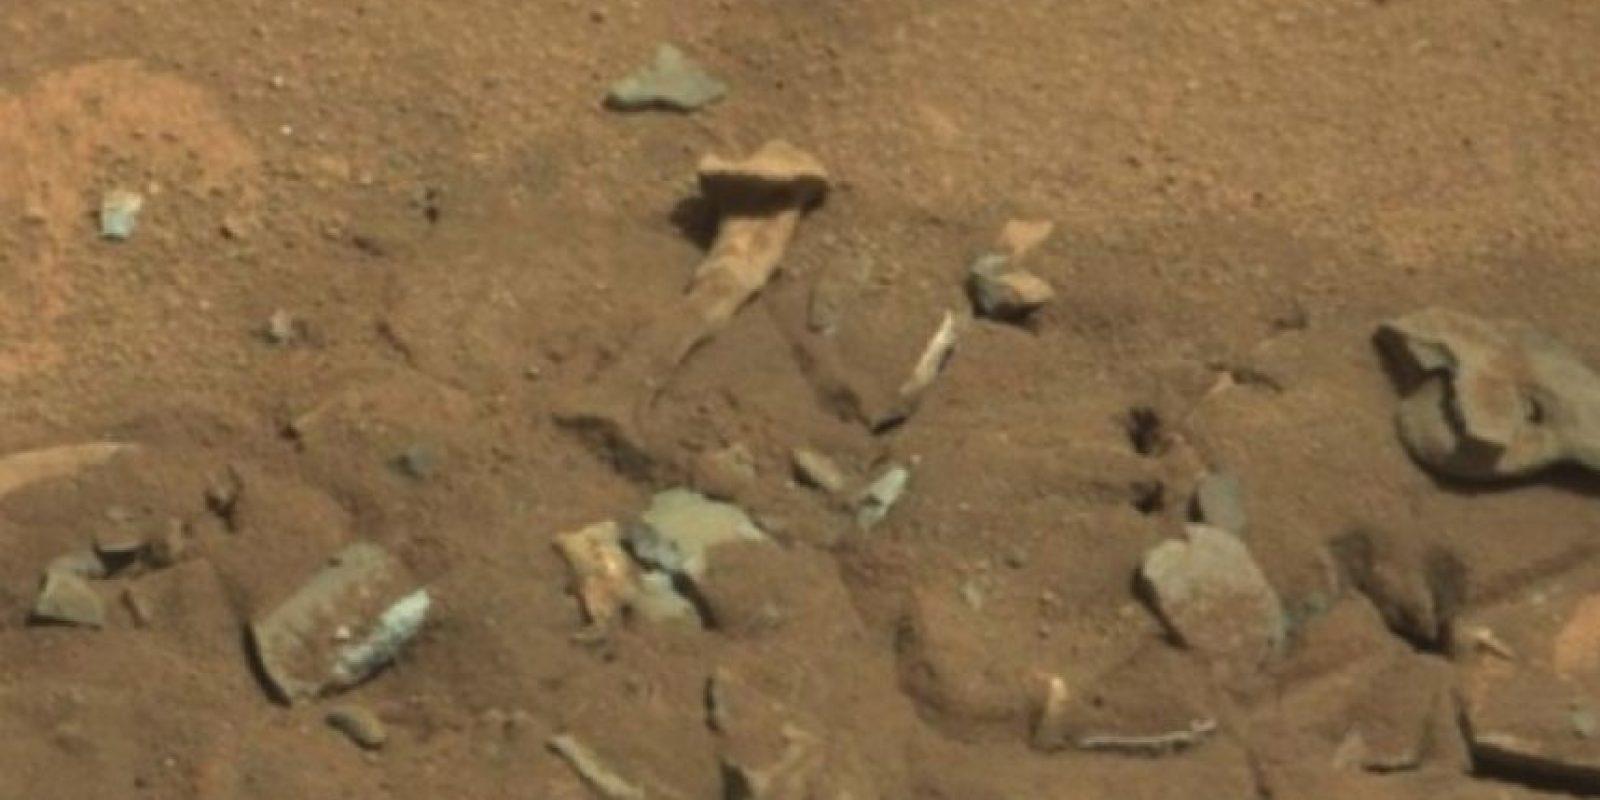 Se descubrió en agosto de 2014 Foto: Foto original en http://mars.jpl.nasa.gov/msl-raw-images/msss/00719/mcam/0719MR0030550060402769E01_DXXX.jpg